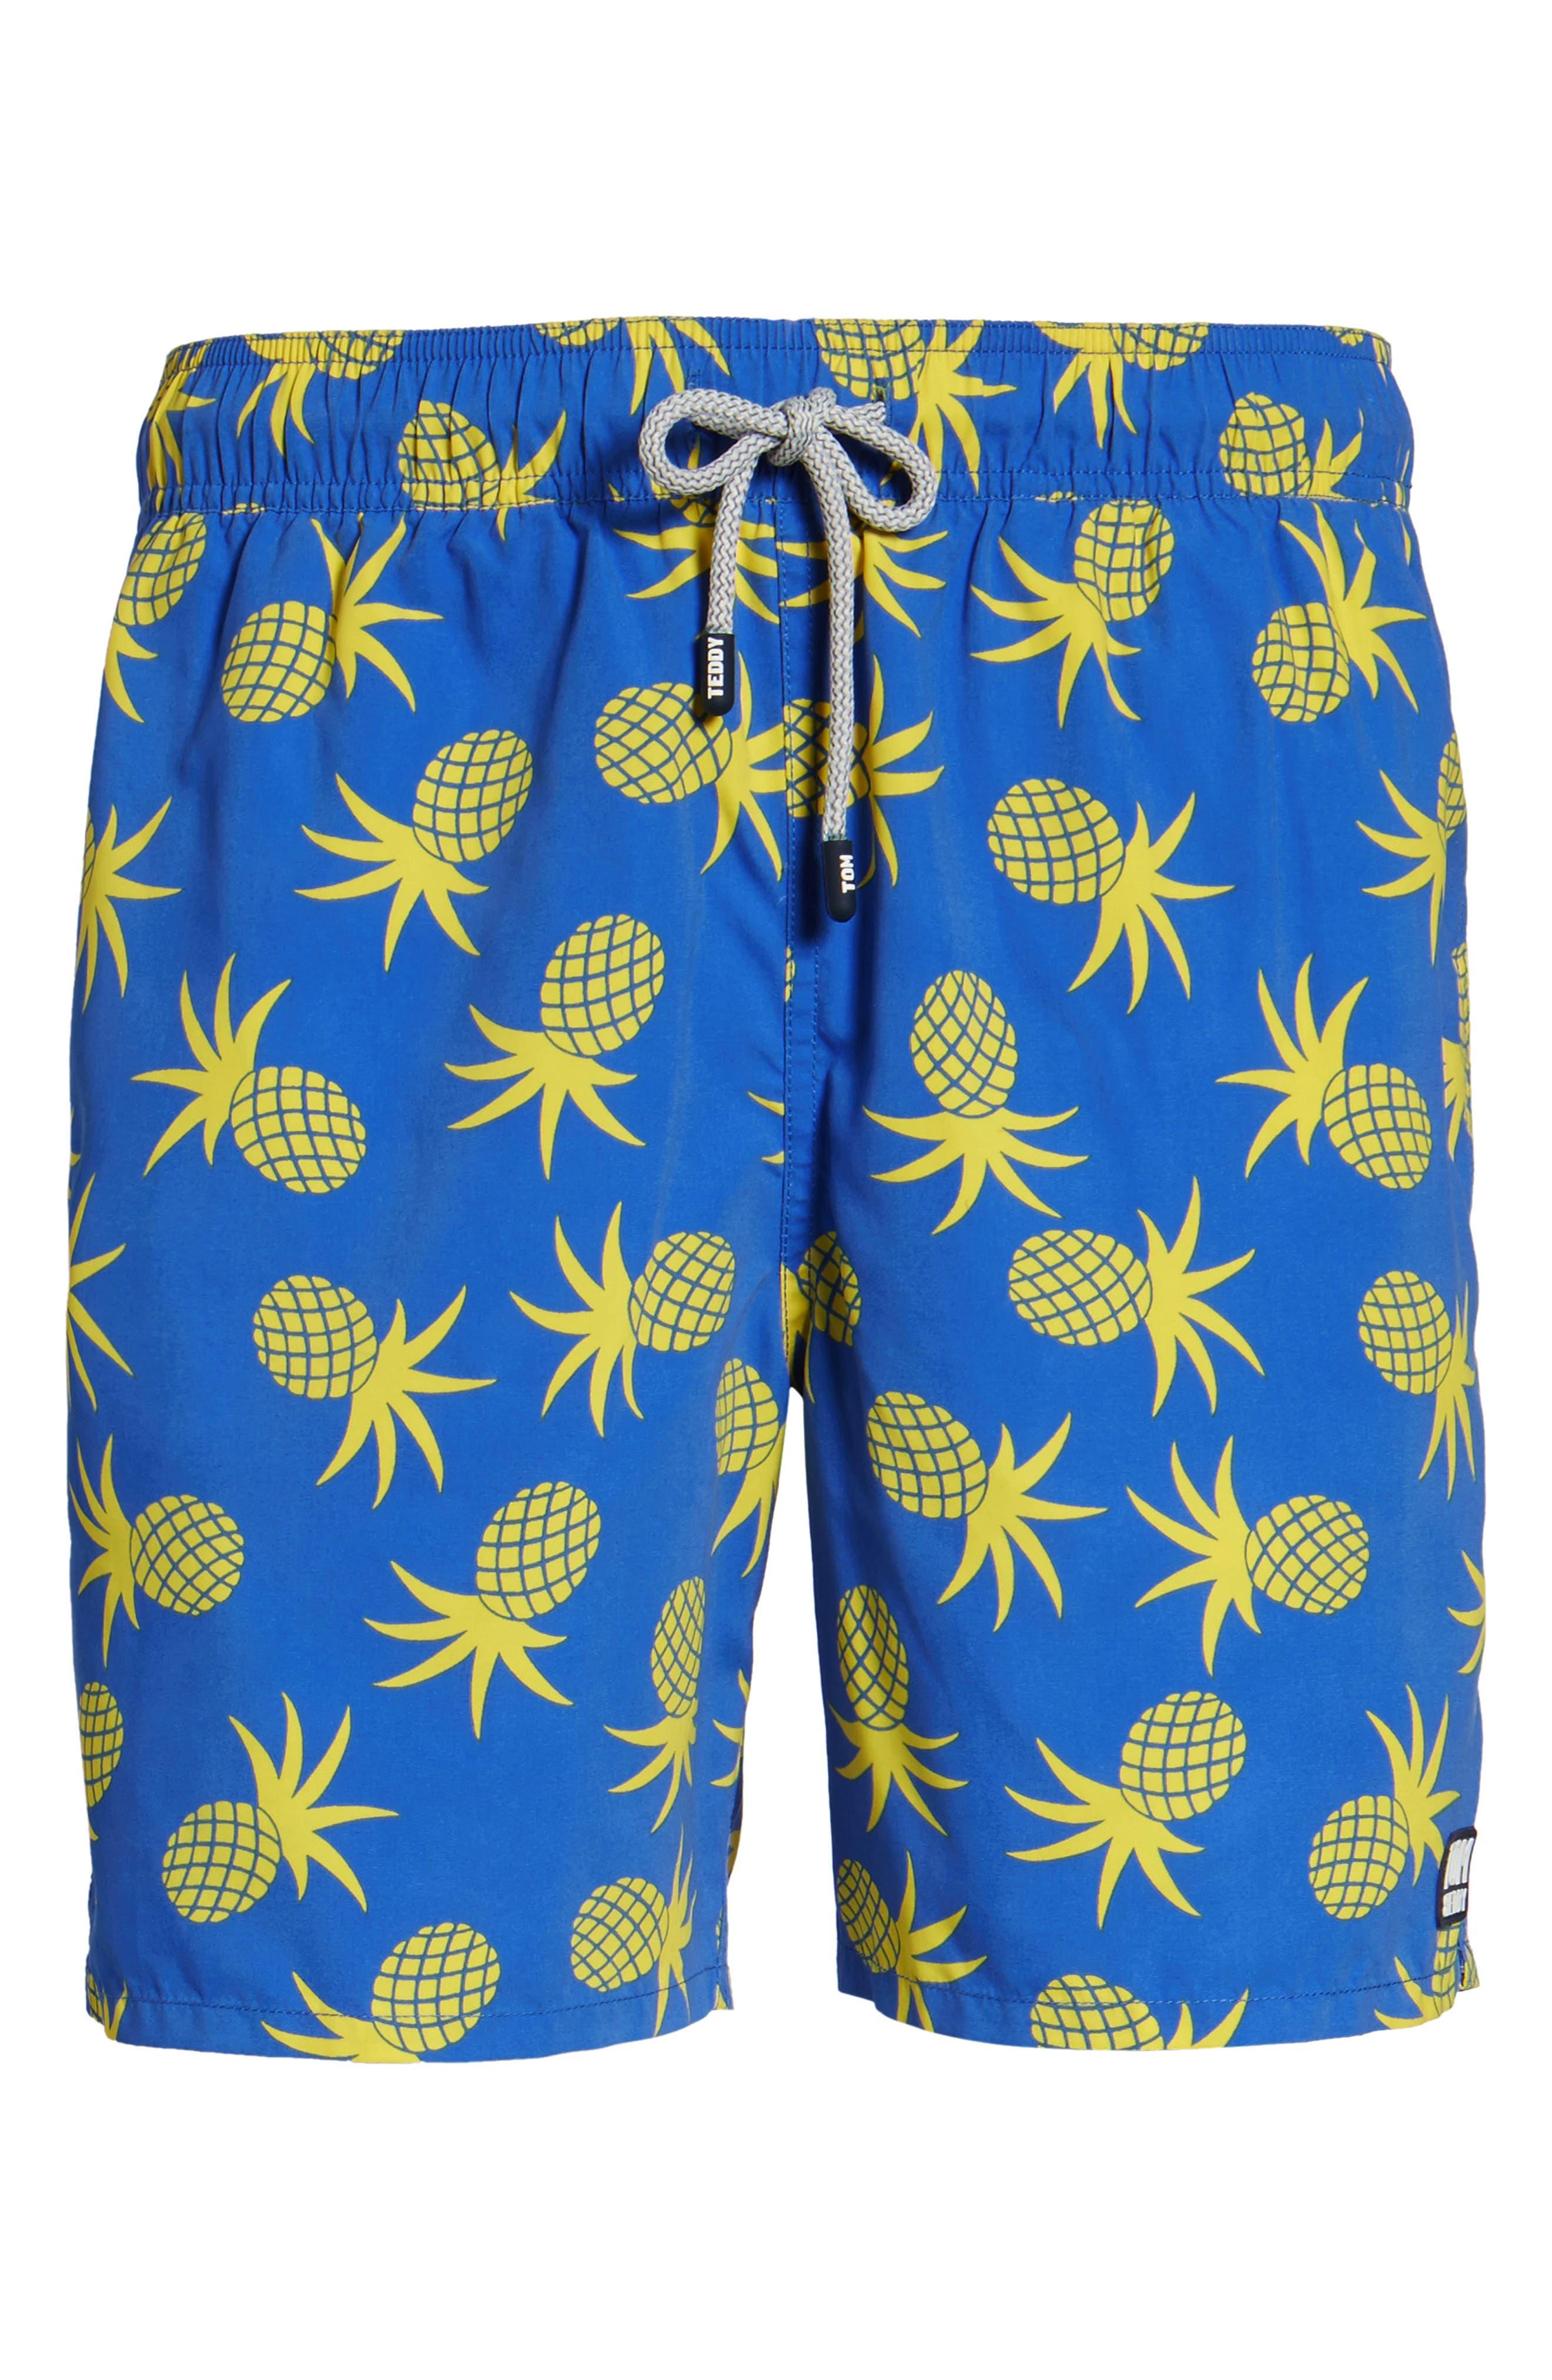 Pineapple Swim Trunks,                             Alternate thumbnail 6, color,                             430